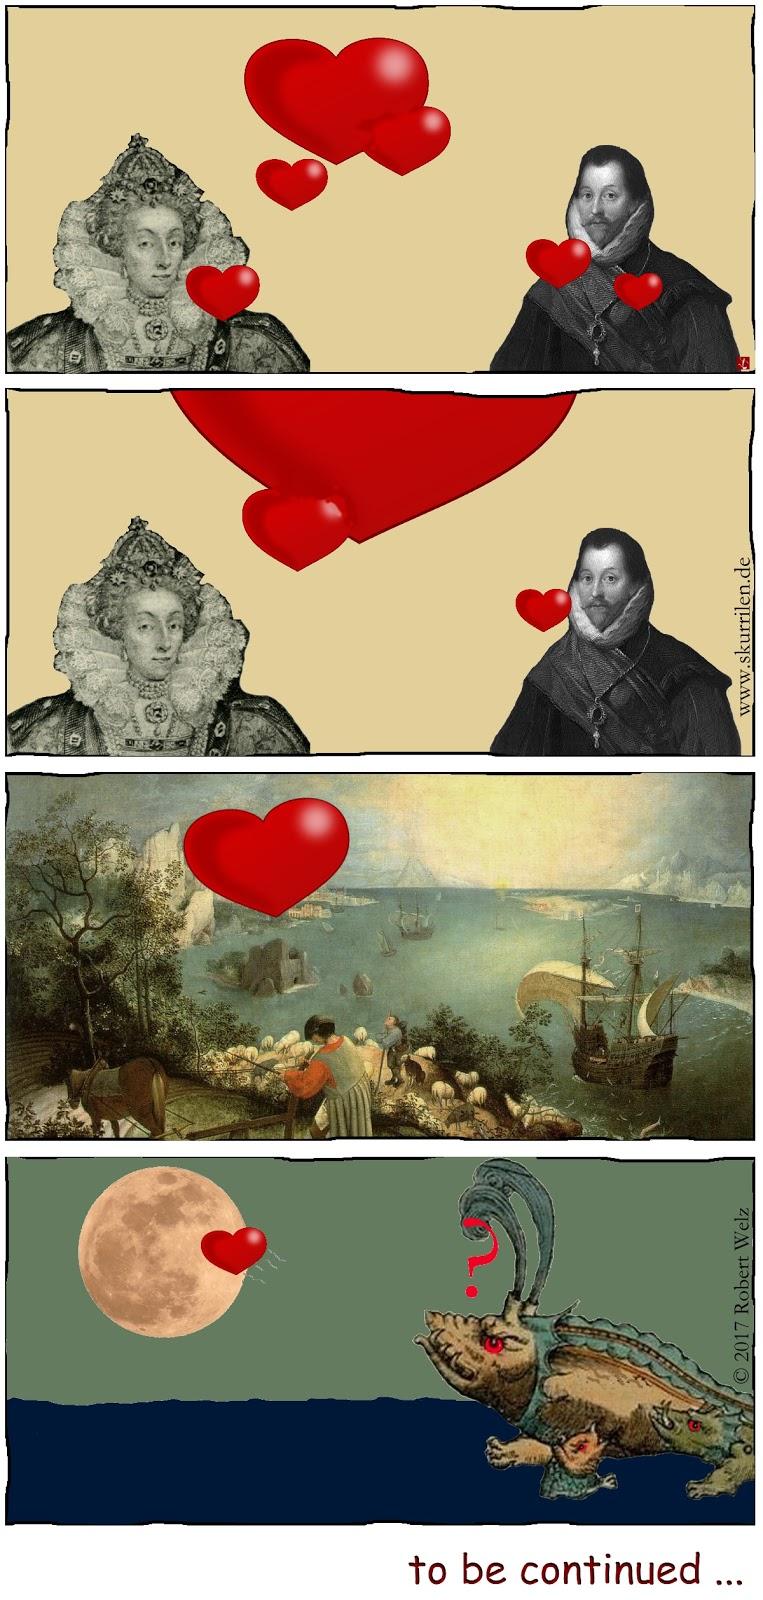 Herz Fantasy Comic verliebt Collage Gemälde Pieter Bruegel Kunst 16. Jahrhundert Königin Pirat Seeungeheuer